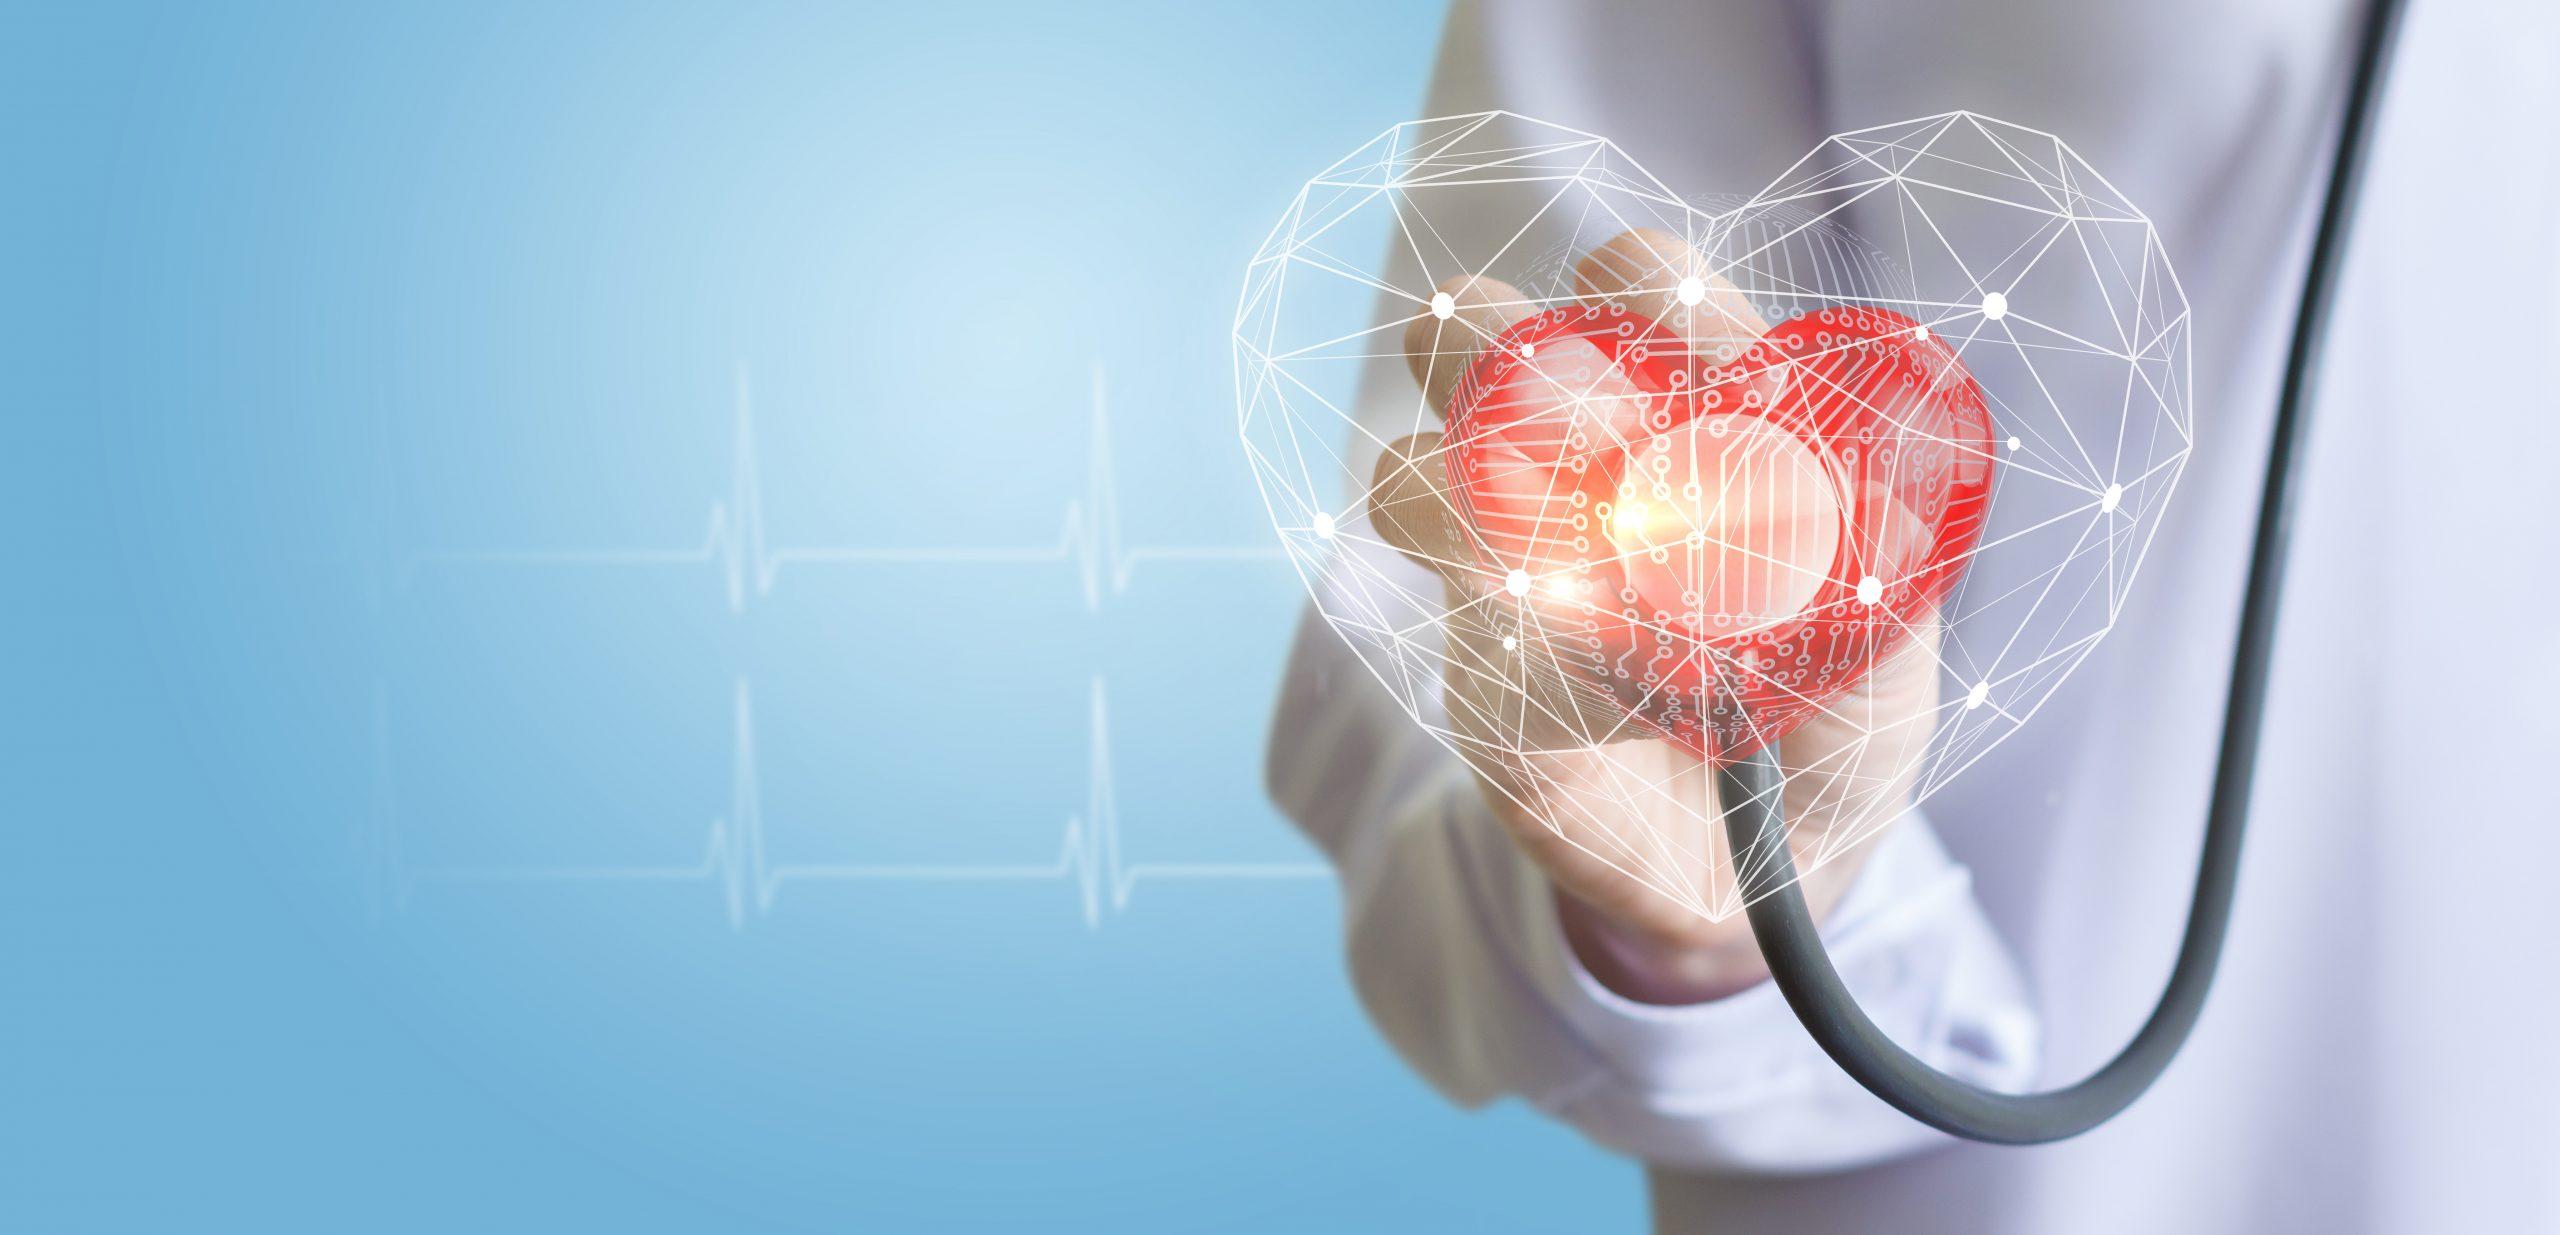 ลดความเสี่ยงของหลอดเลือดตีบตันและโรคหัวใจโดยไม่ต้องไปทำ Bypass